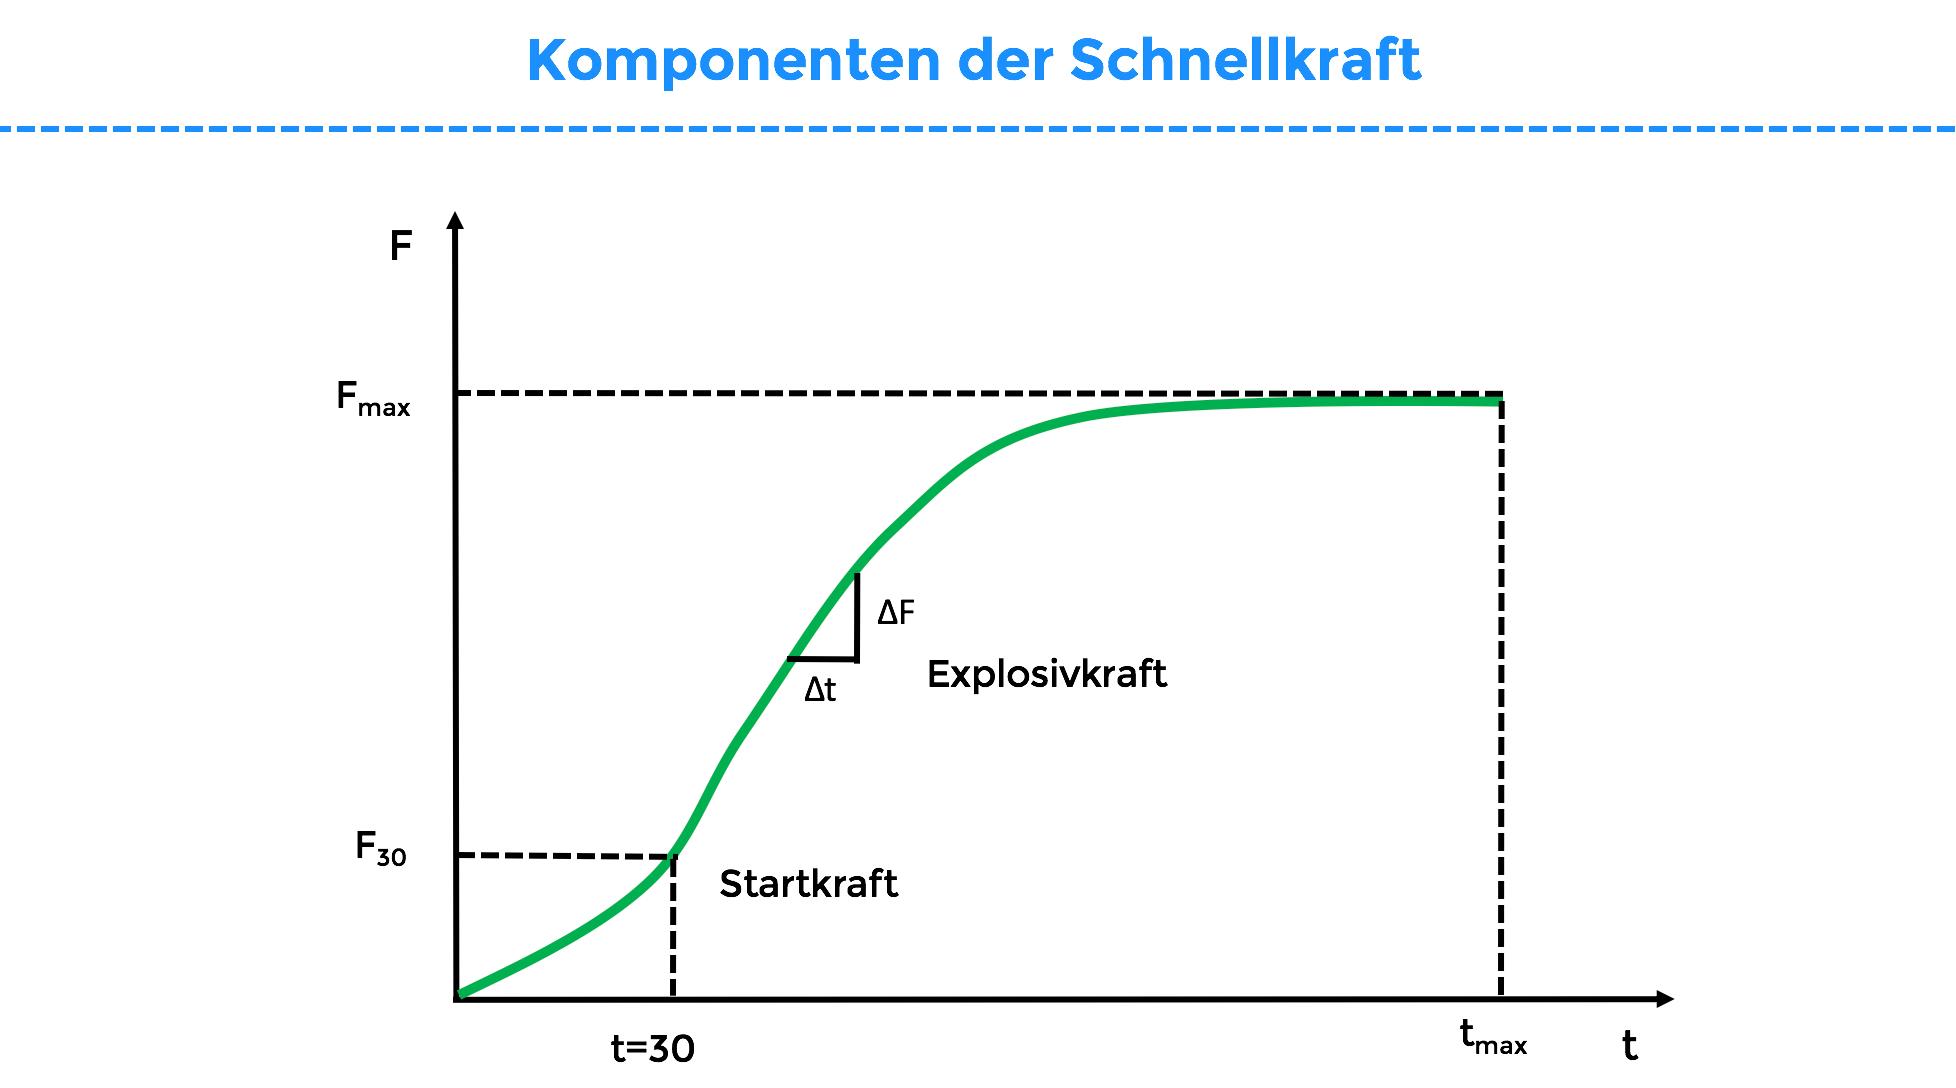 komponenten_der_schnellkraft